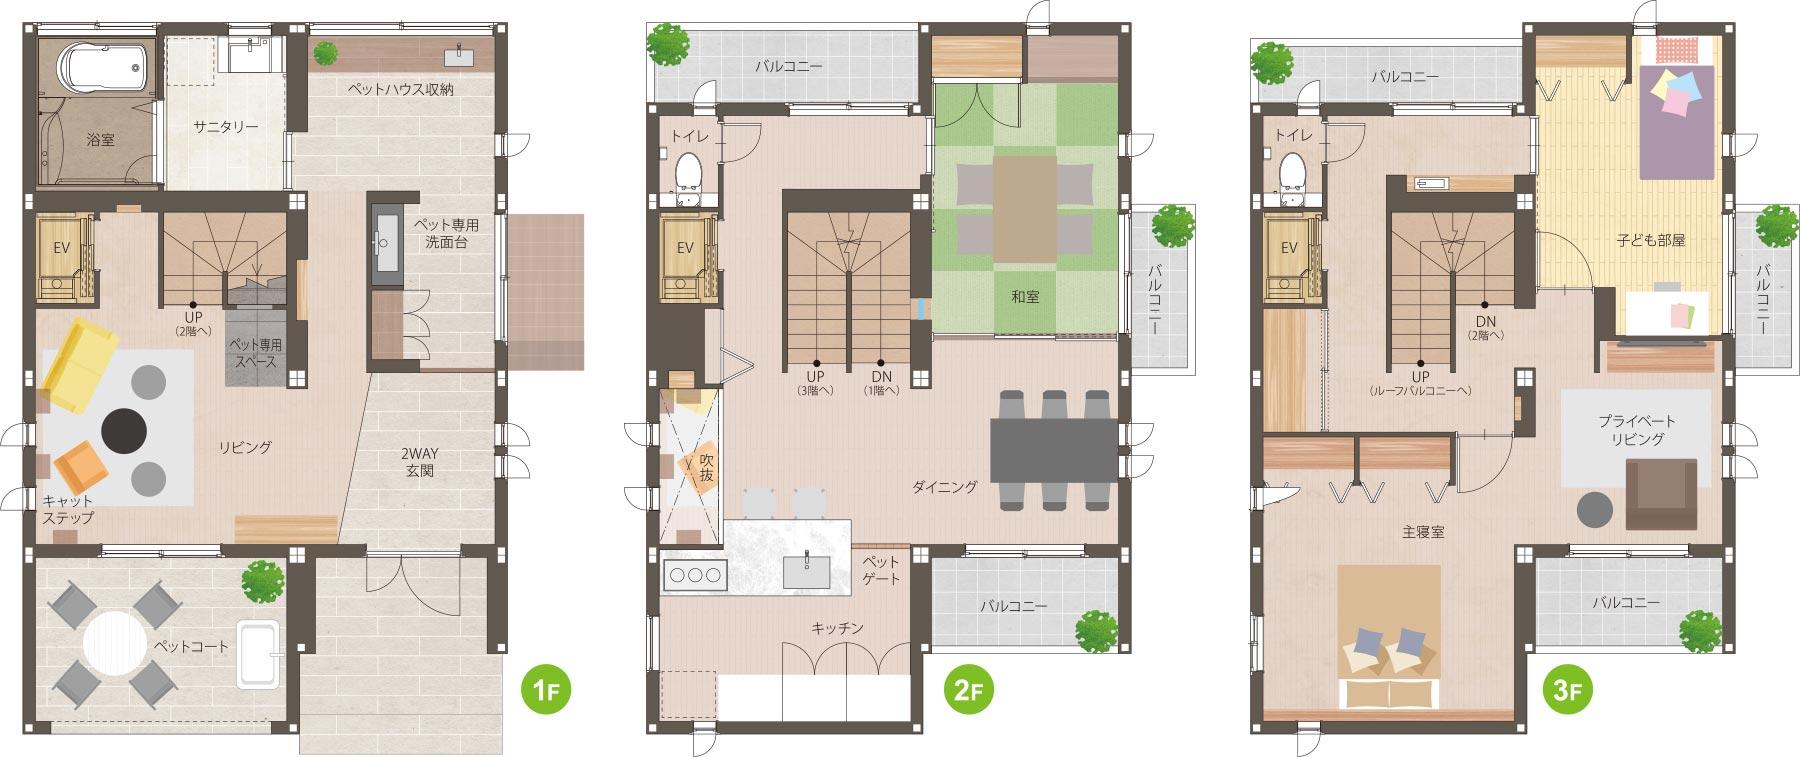 鉄骨系住宅 住まいの情報プラザデシオ展示場 間取り図